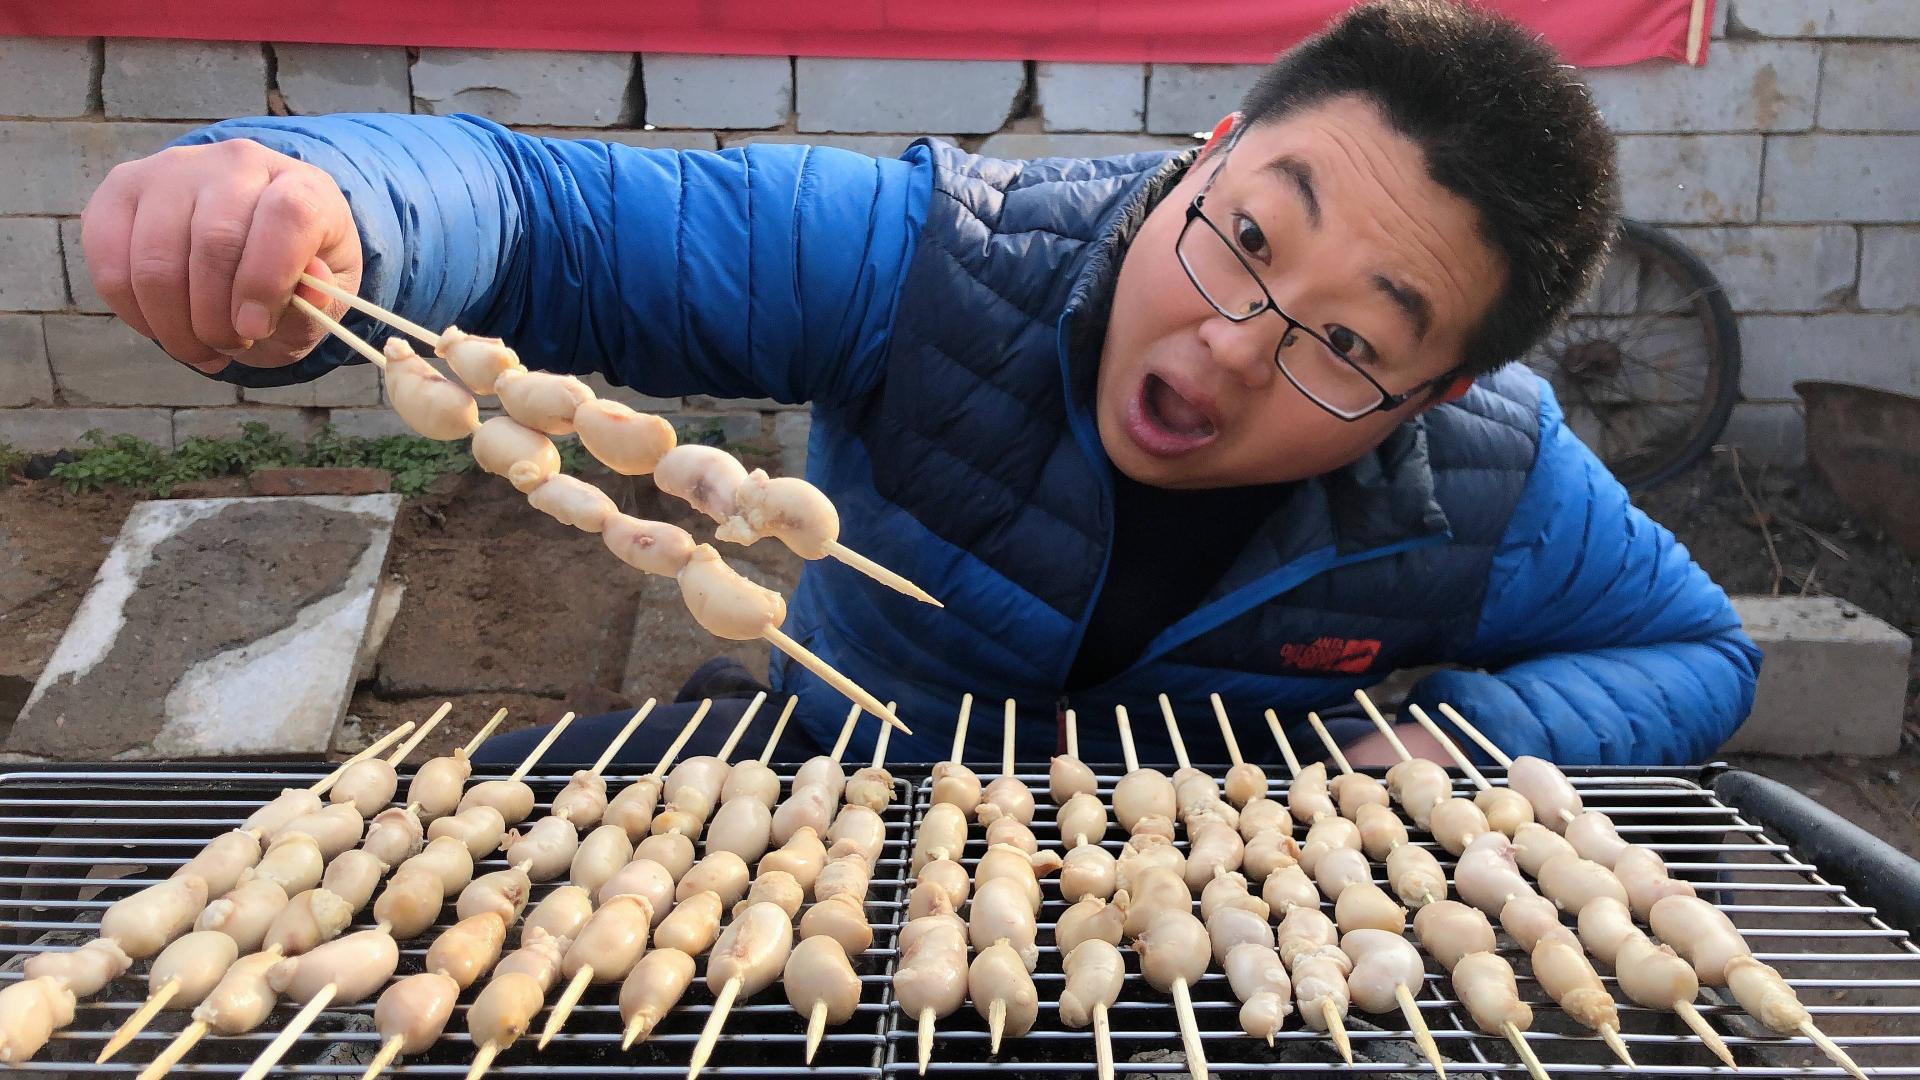 鸡腰子烤着吃啥味?小伙180元买2斤鸡腰,不仅好吃而且还大补!